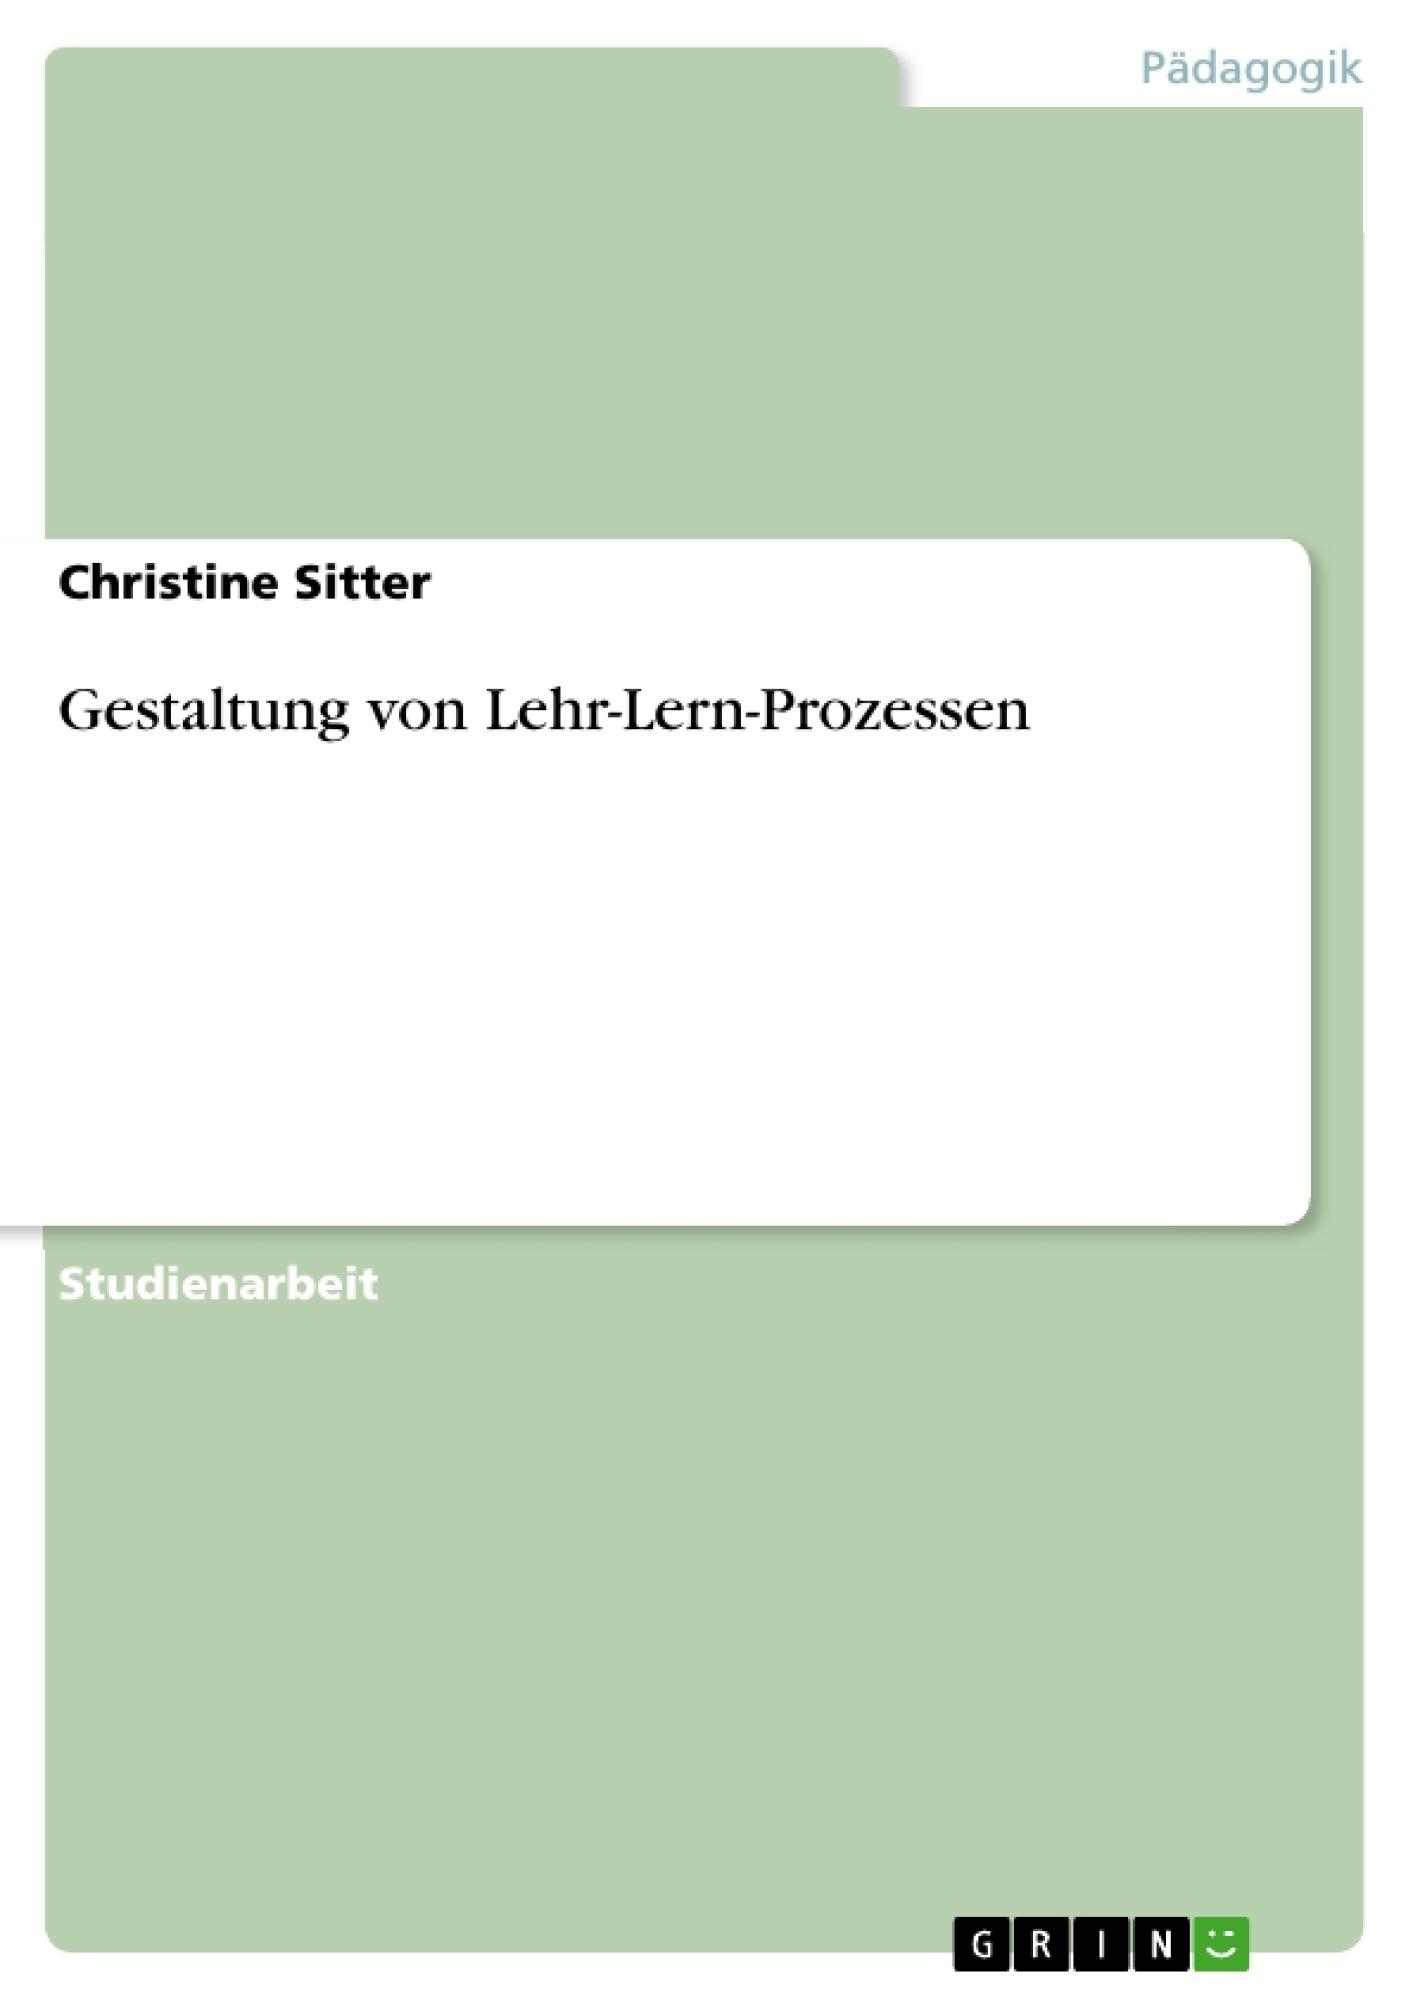 Titel: Gestaltung von Lehr-Lern-Prozessen